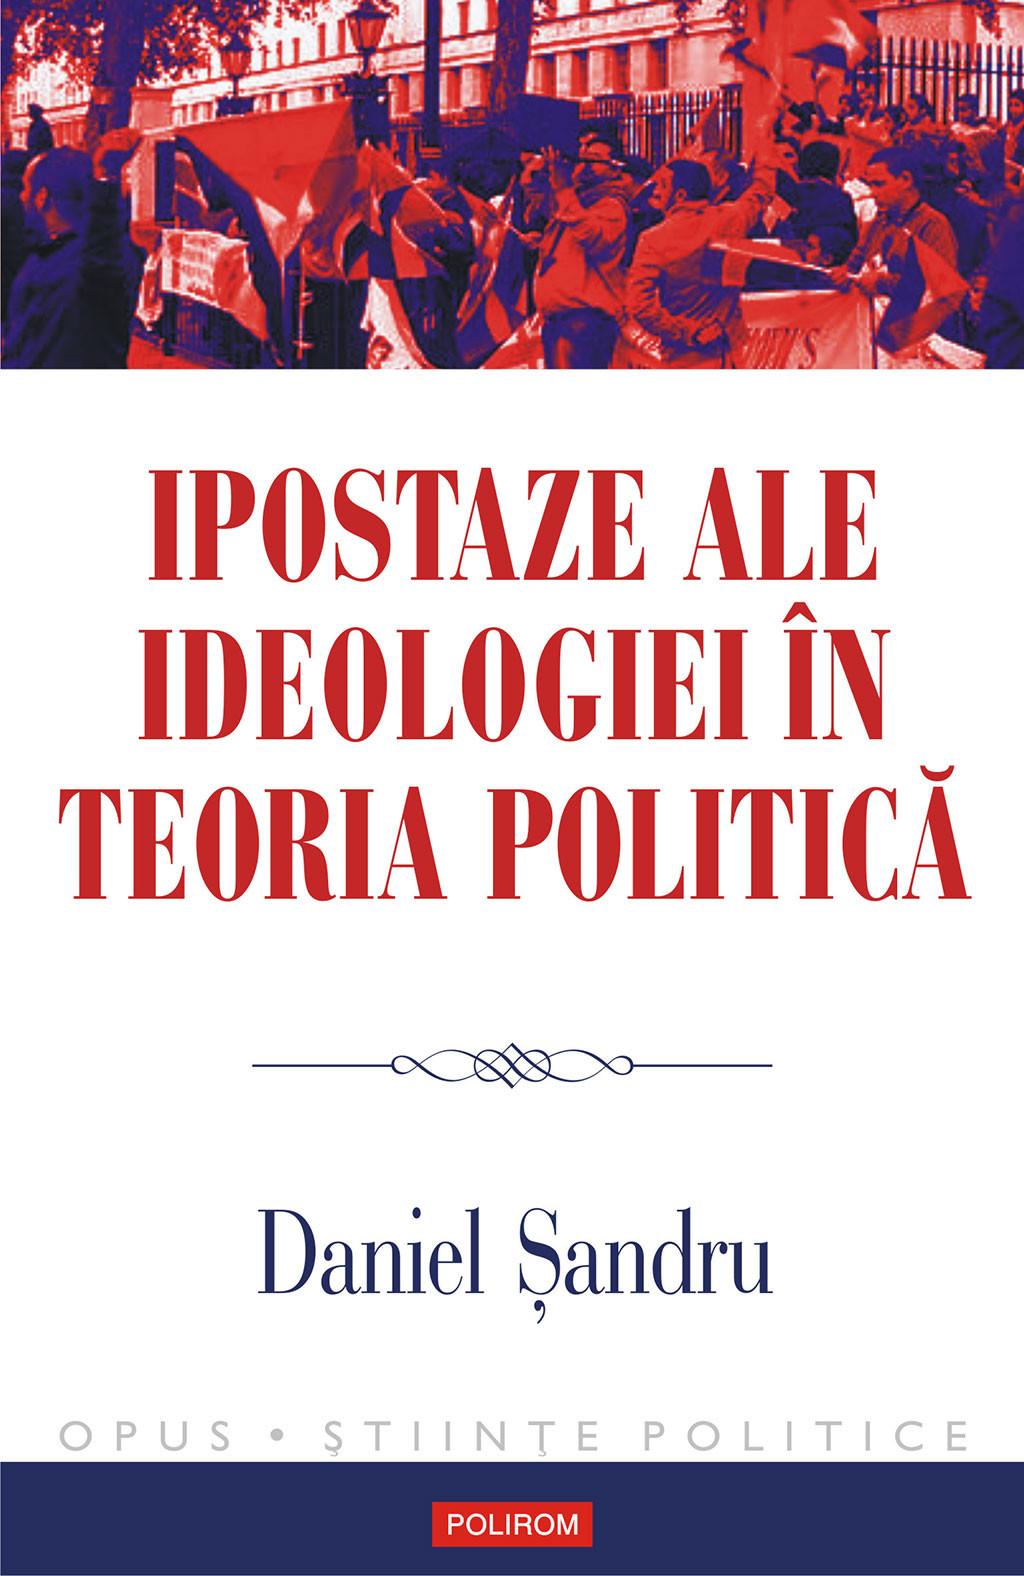 Ipostaze ale ideologiei in teoria politica (eBook) pdf pret librarie elefant oferta